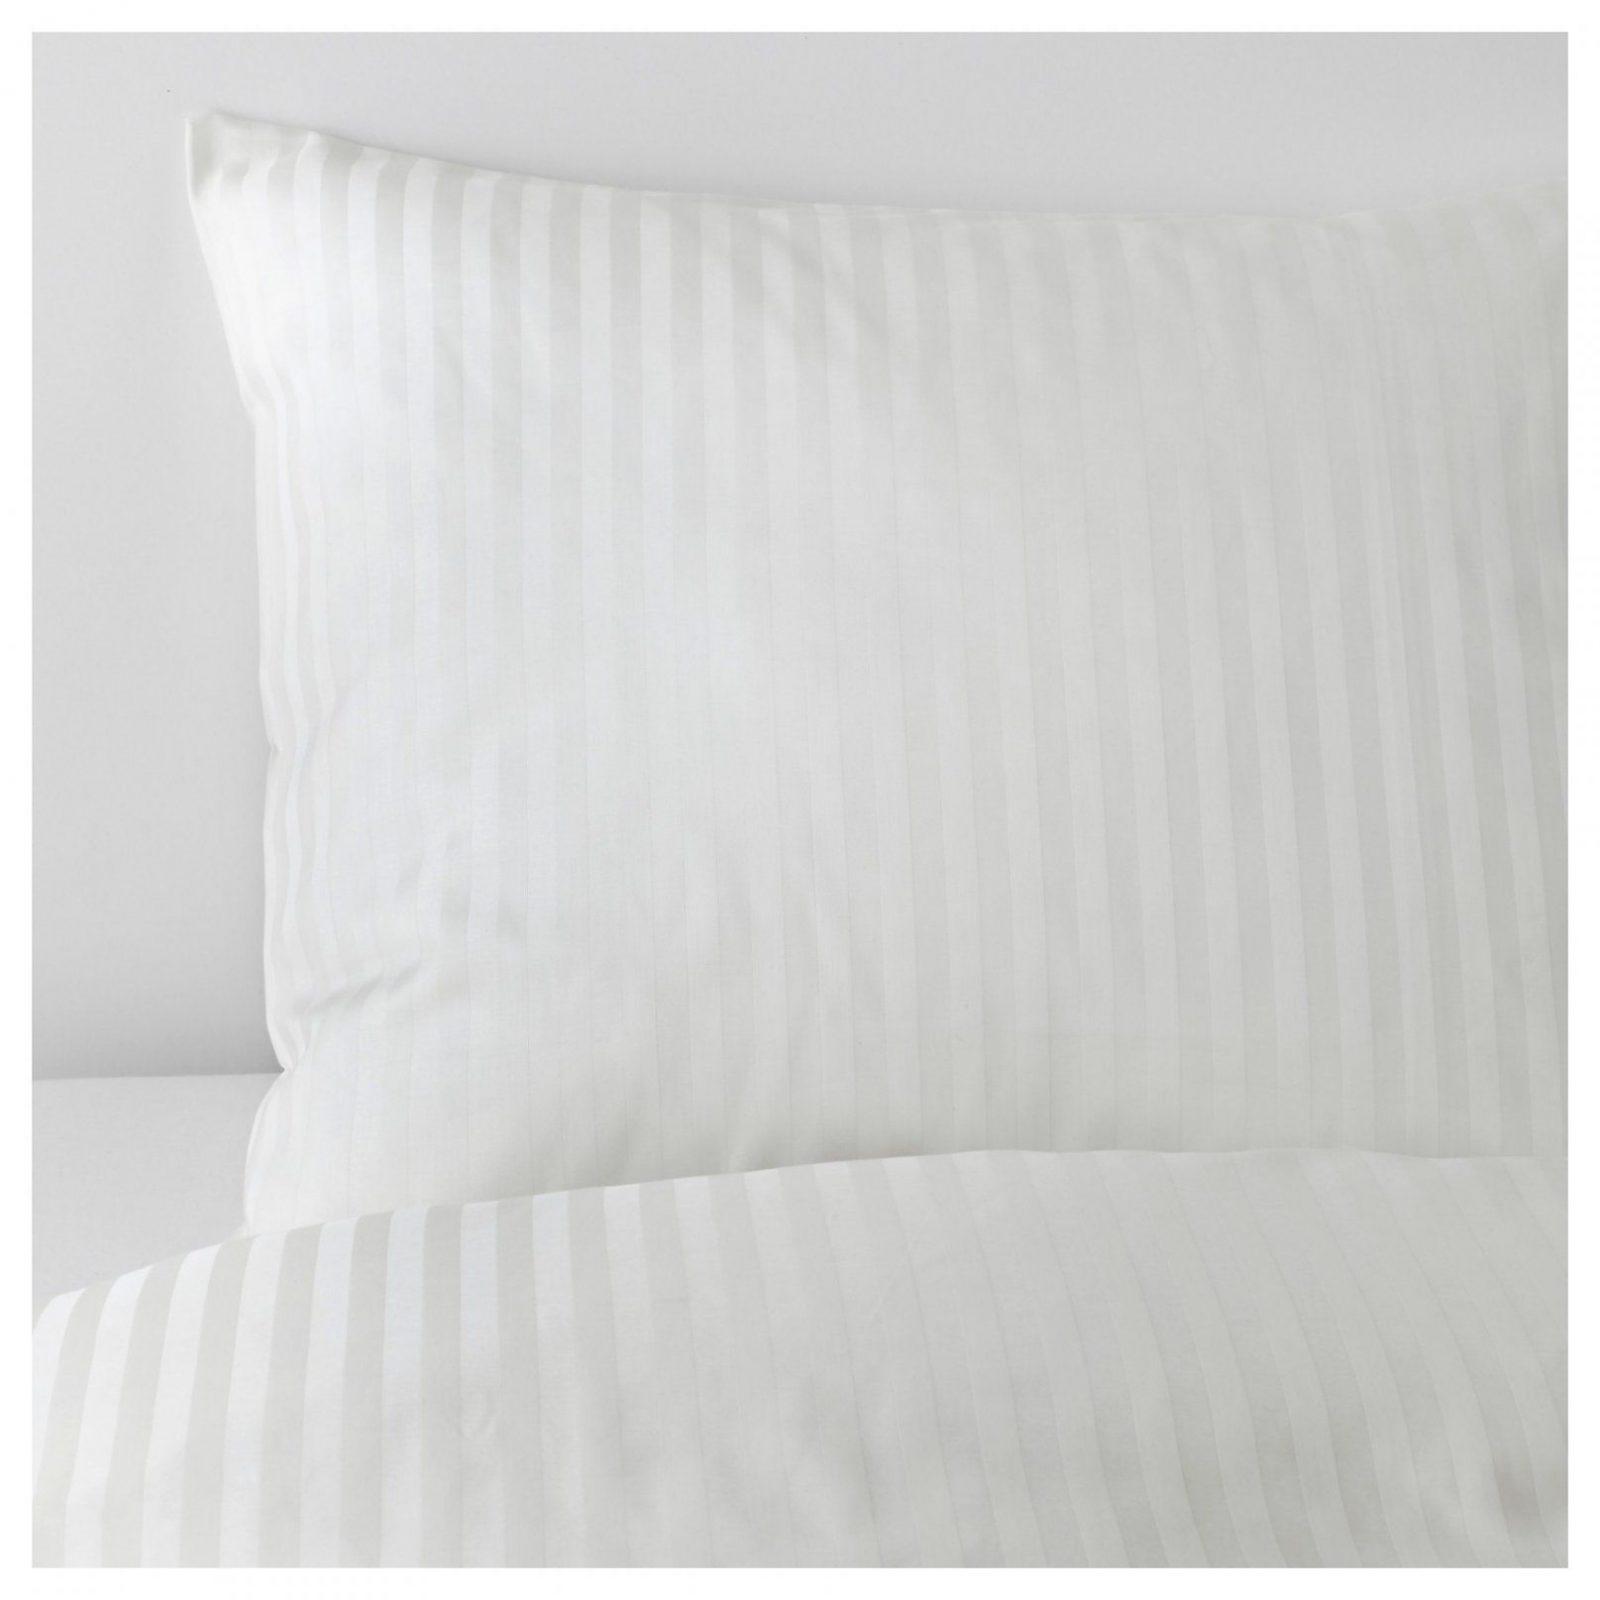 Neueste Bettwäsche Günstig Online Kaufen Ikea Zum Bettwäsche Schwarz von Karierte Bettwäsche Ikea Photo